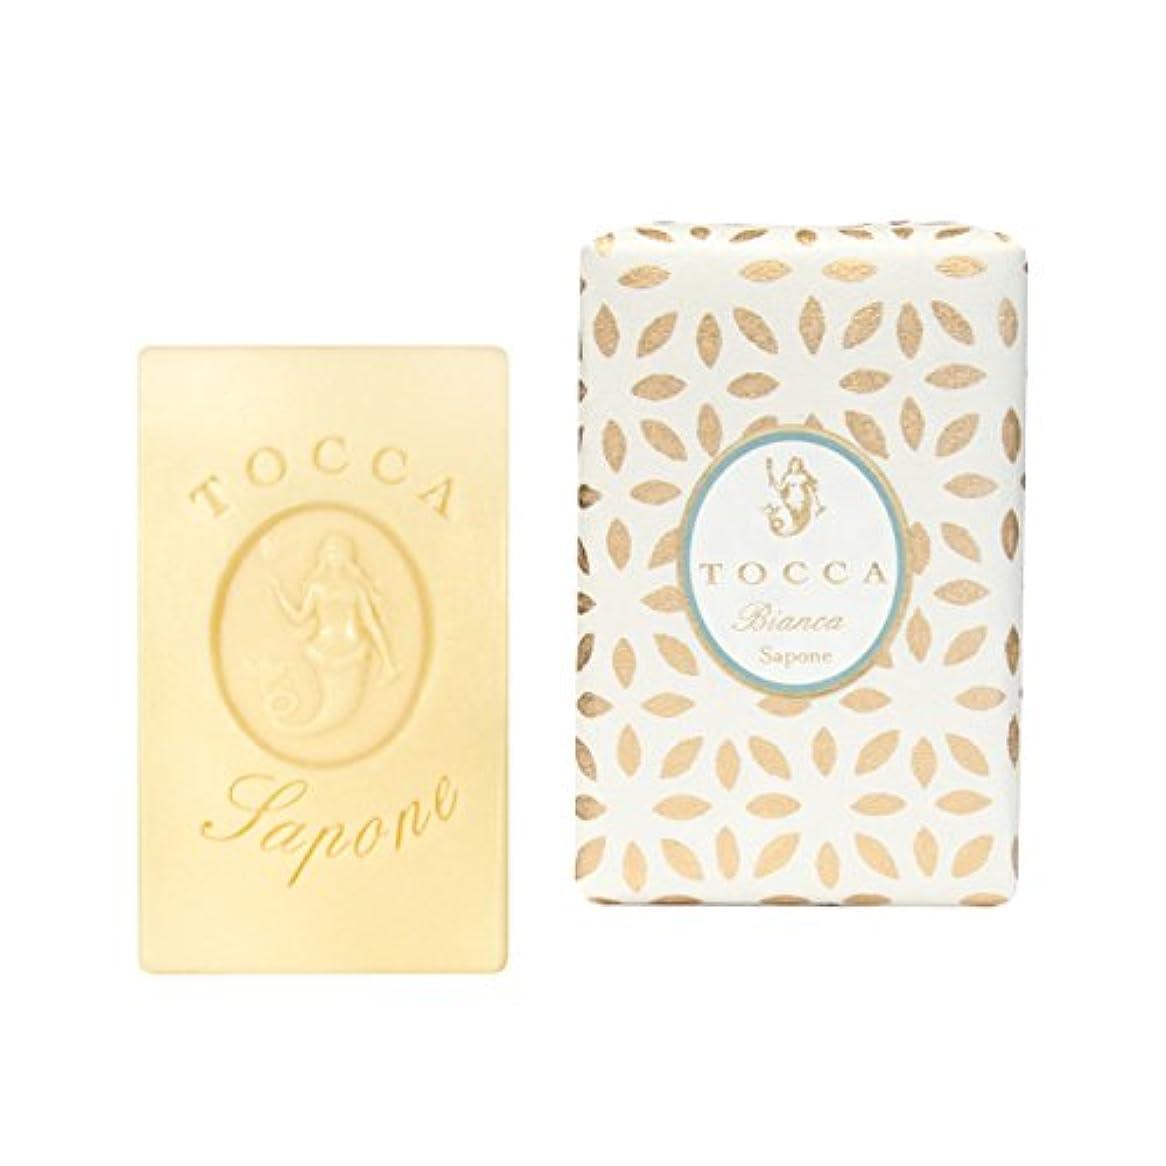 計り知れない幸運なことにバケツトッカ(TOCCA) ソープバー ビアンカの香り 113g(化粧石けん シトラスとグリーンティー、ローズが絶妙に溶け合ったほのかに甘さ漂うフレッシュな香り)